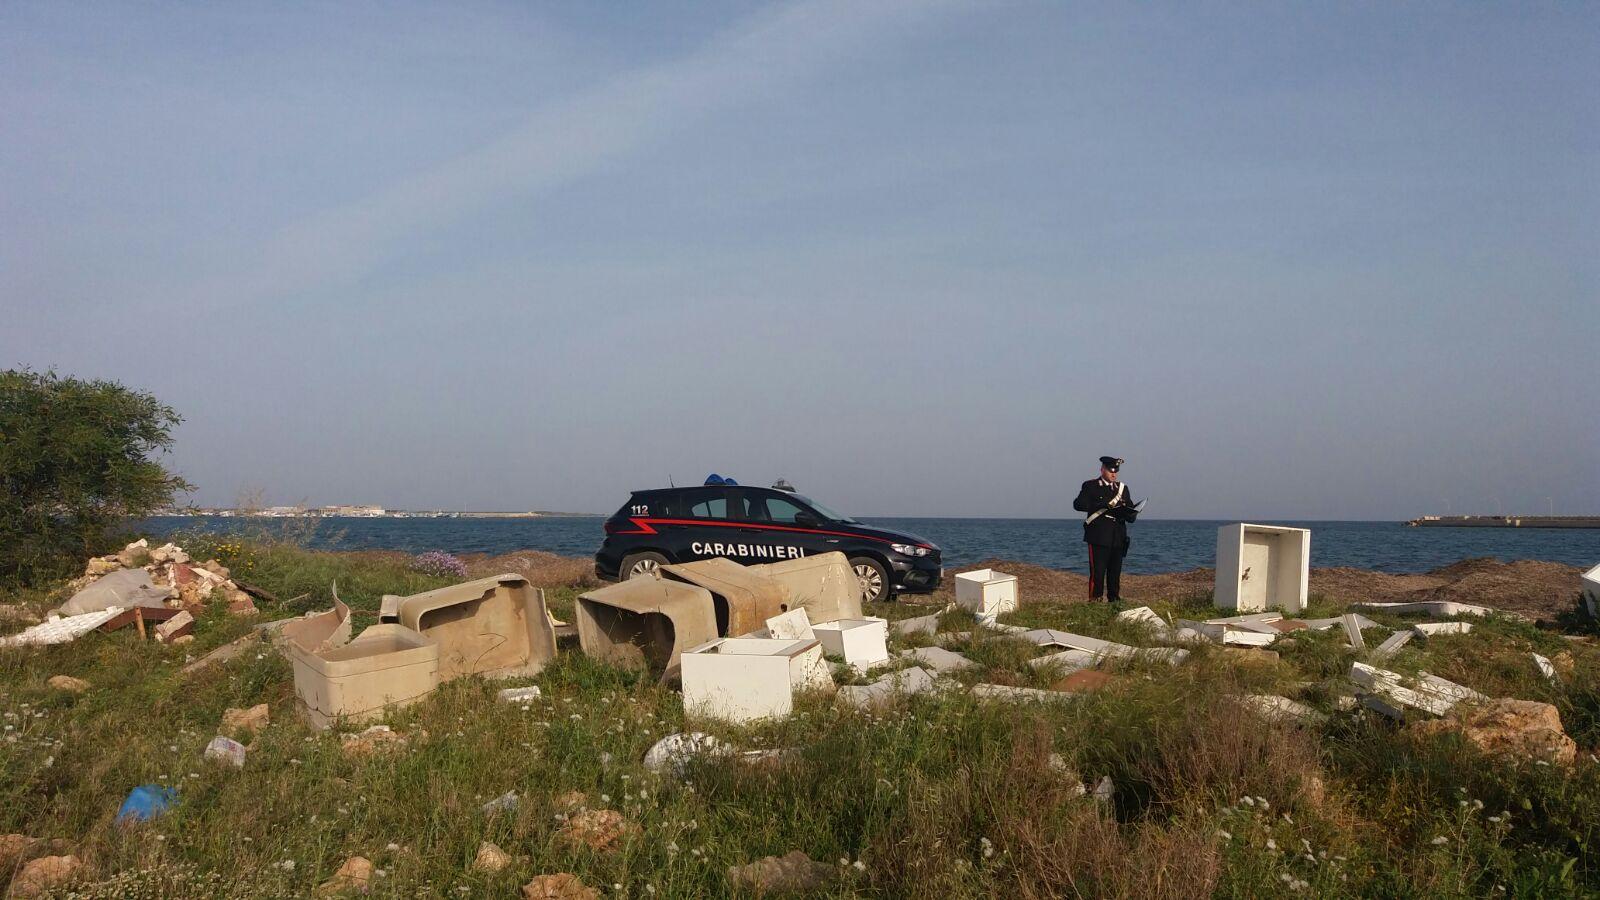 Discarica a cielo aperto sequestrata a Portopalo: 6 persone denunciate